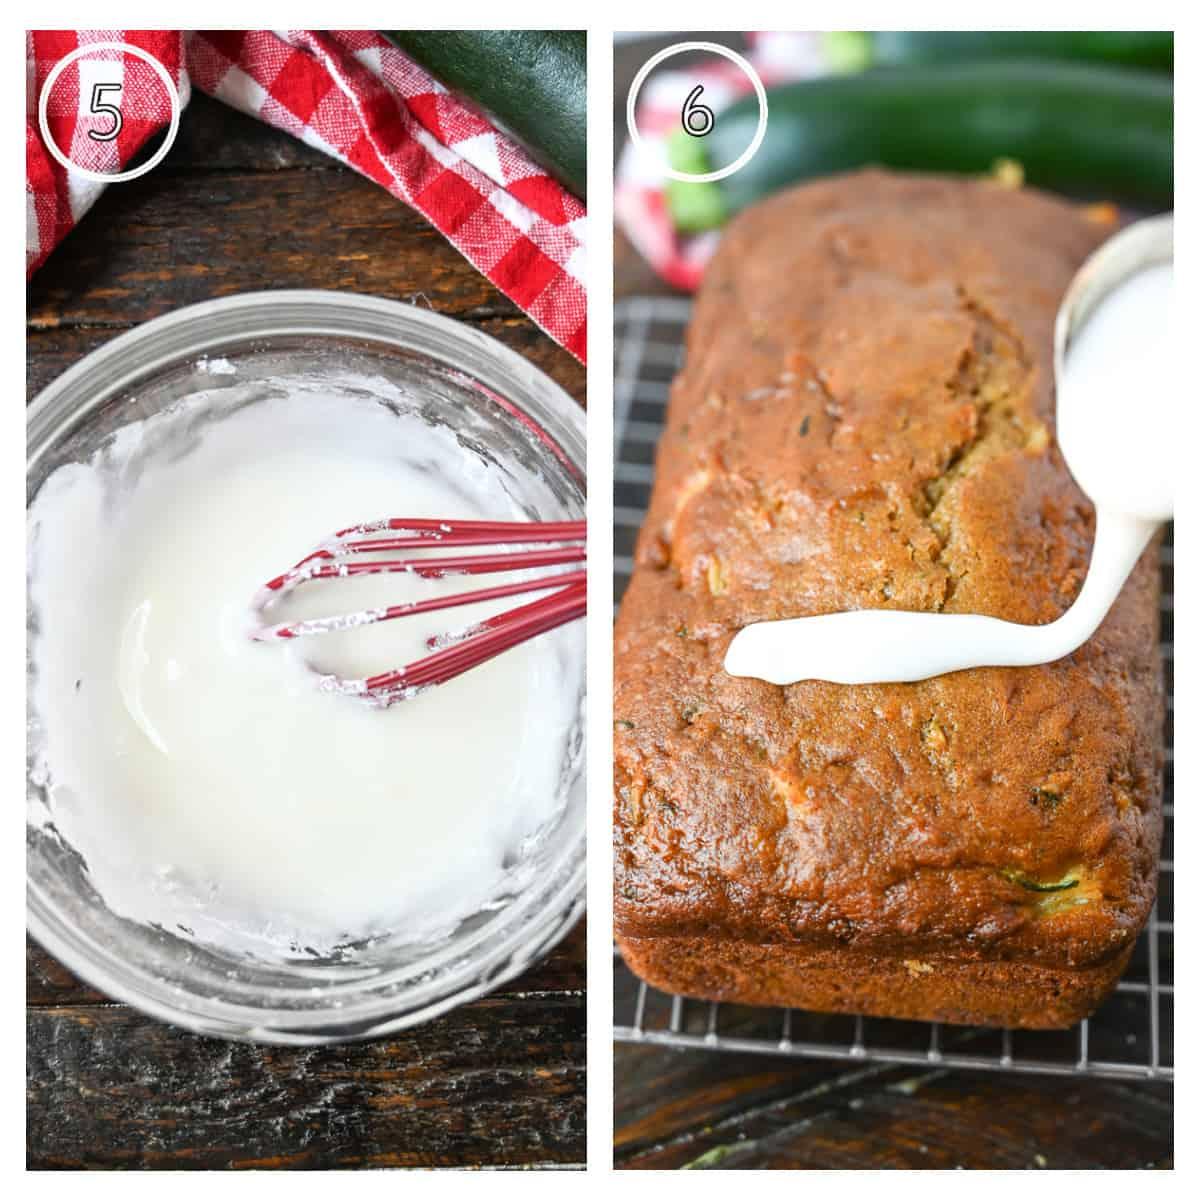 Dos fotos de proceso, primero una mezcla de esmalte en un tazón pequeño.  El segundo, una cuchara rociándolo sobre el pan enfriado.